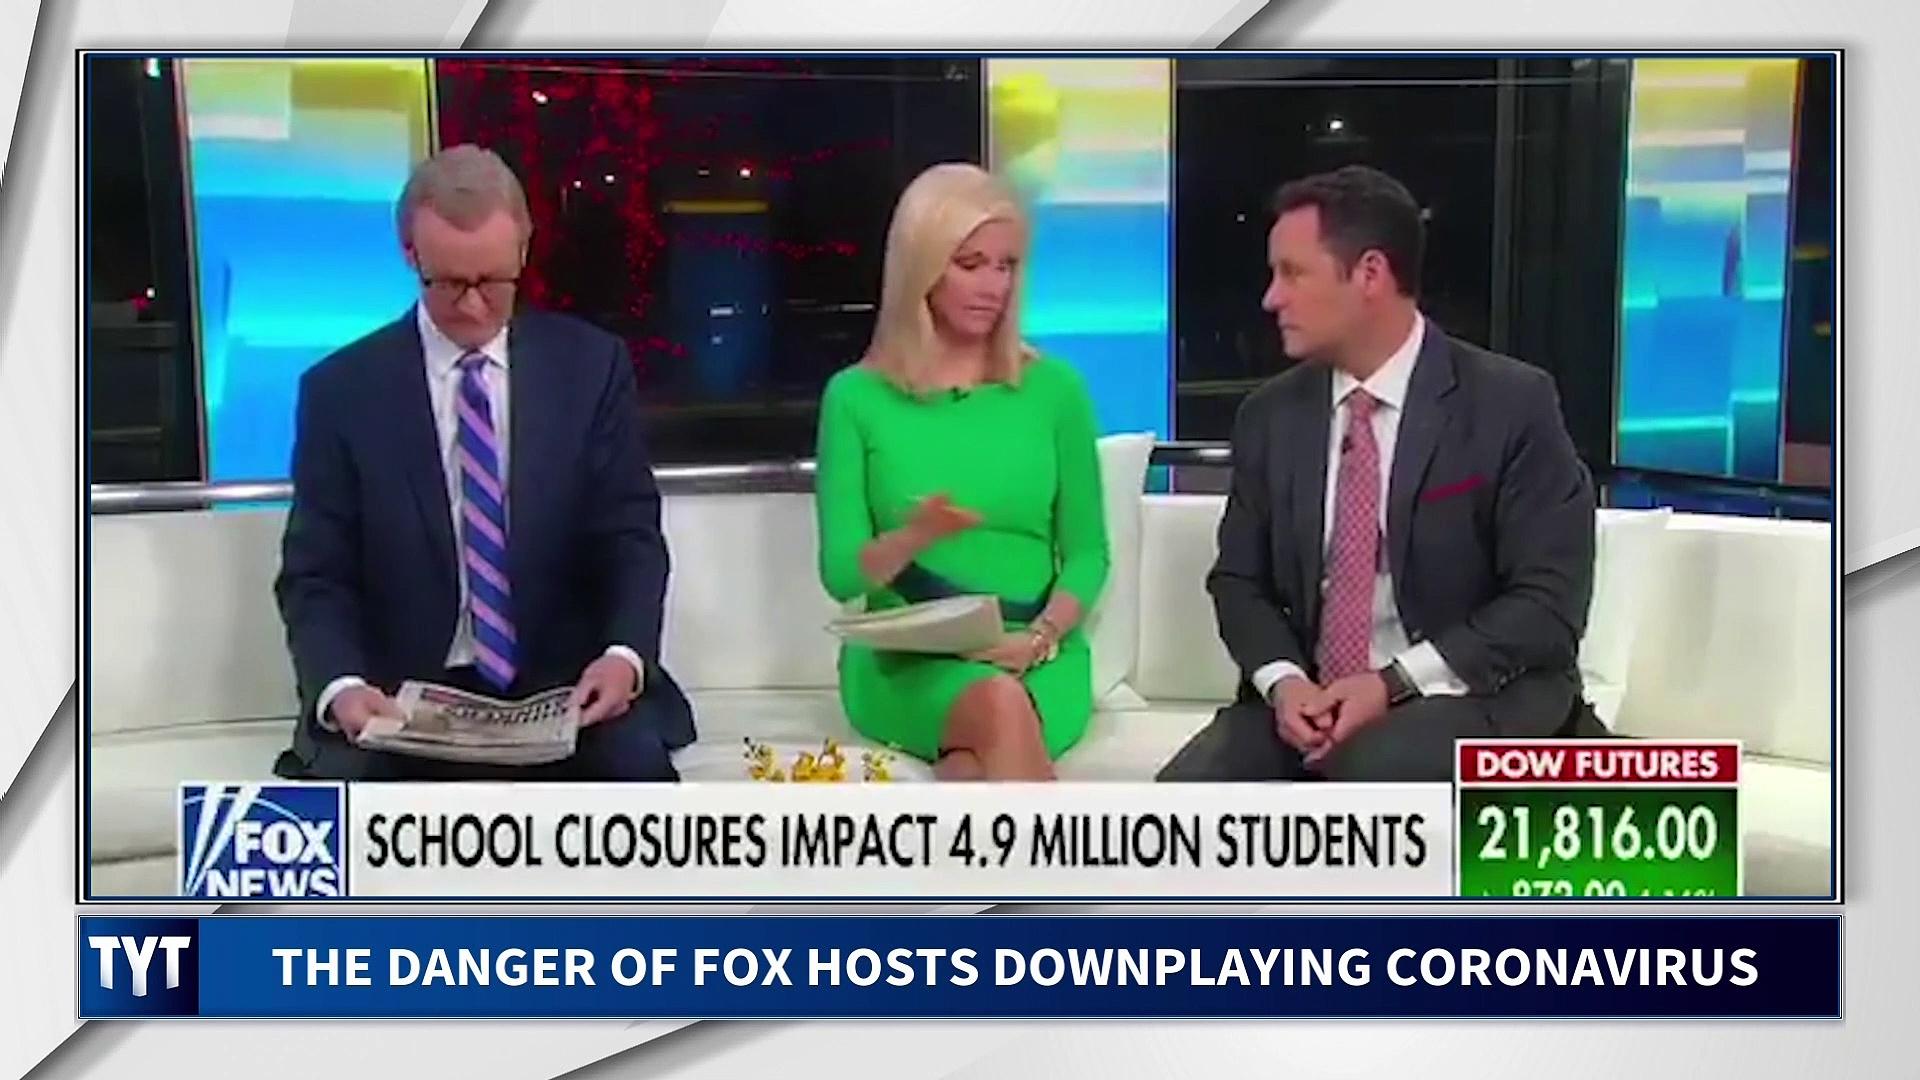 Fox News COVID-19 Lies Are DANGEROUS